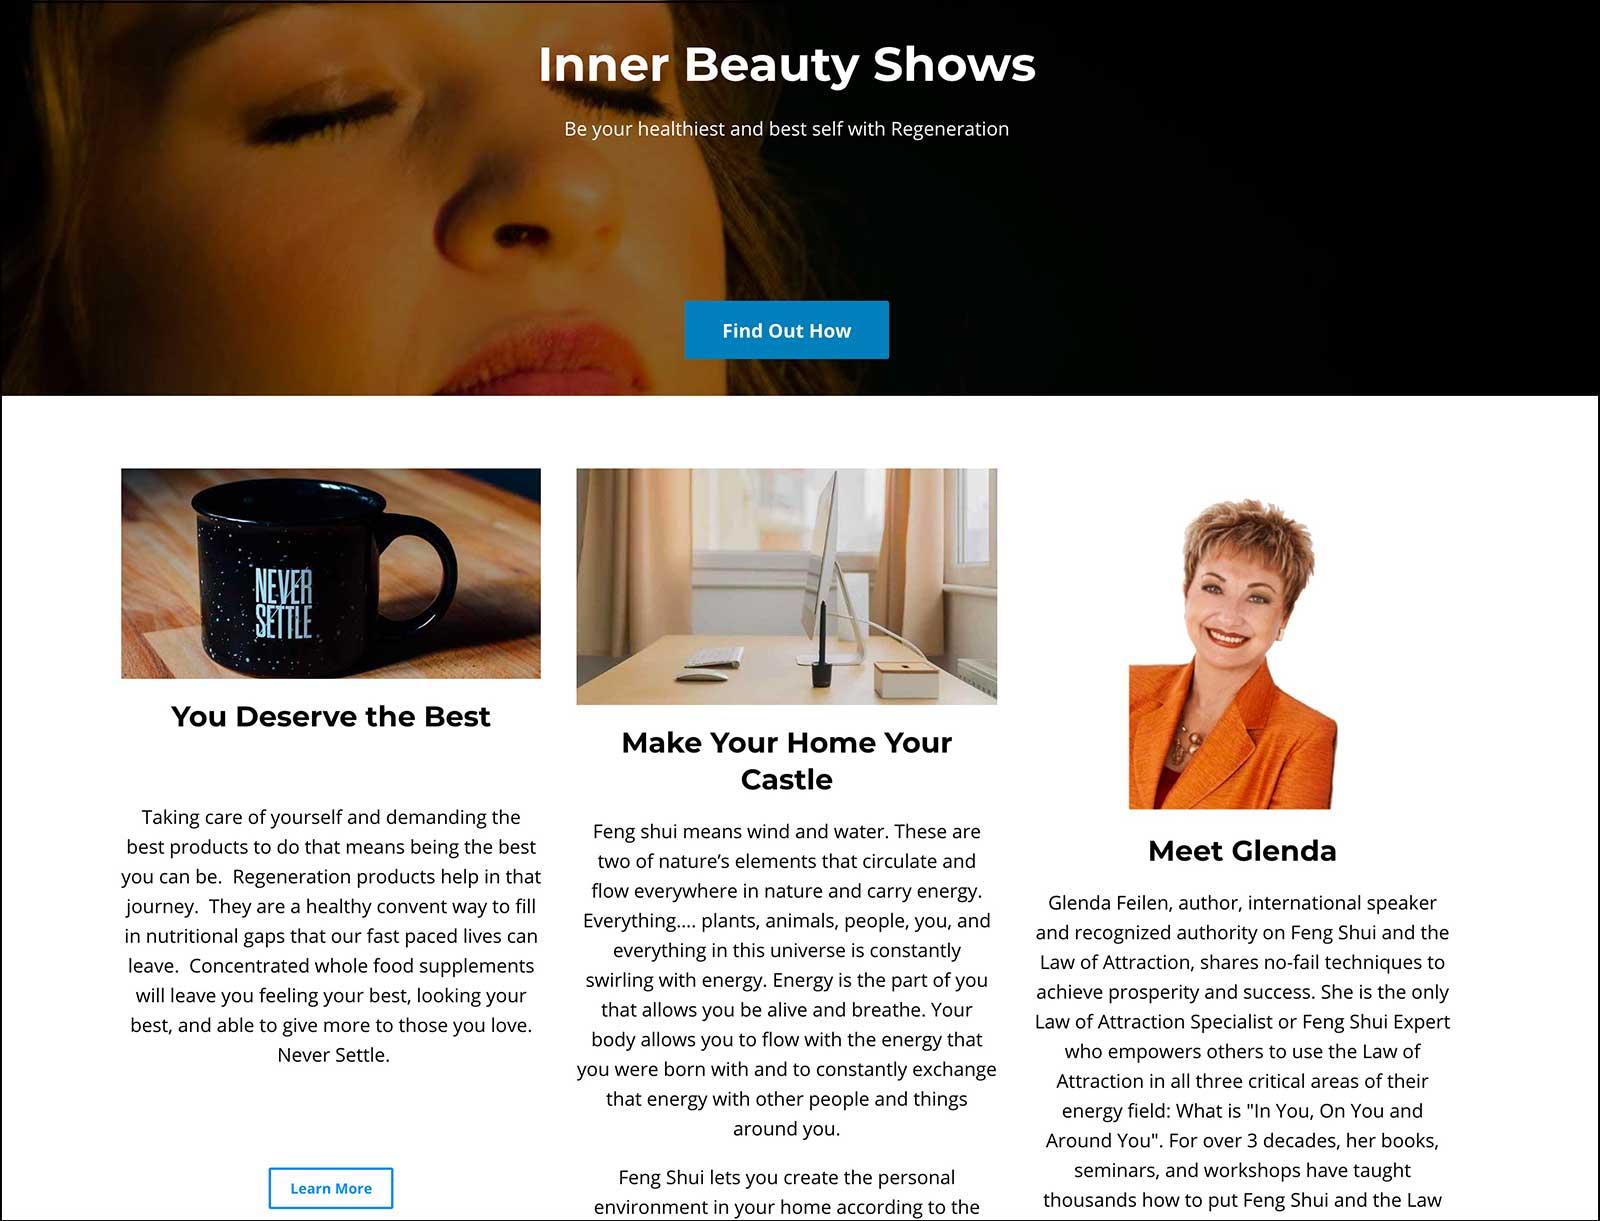 Inner Beauty Shows